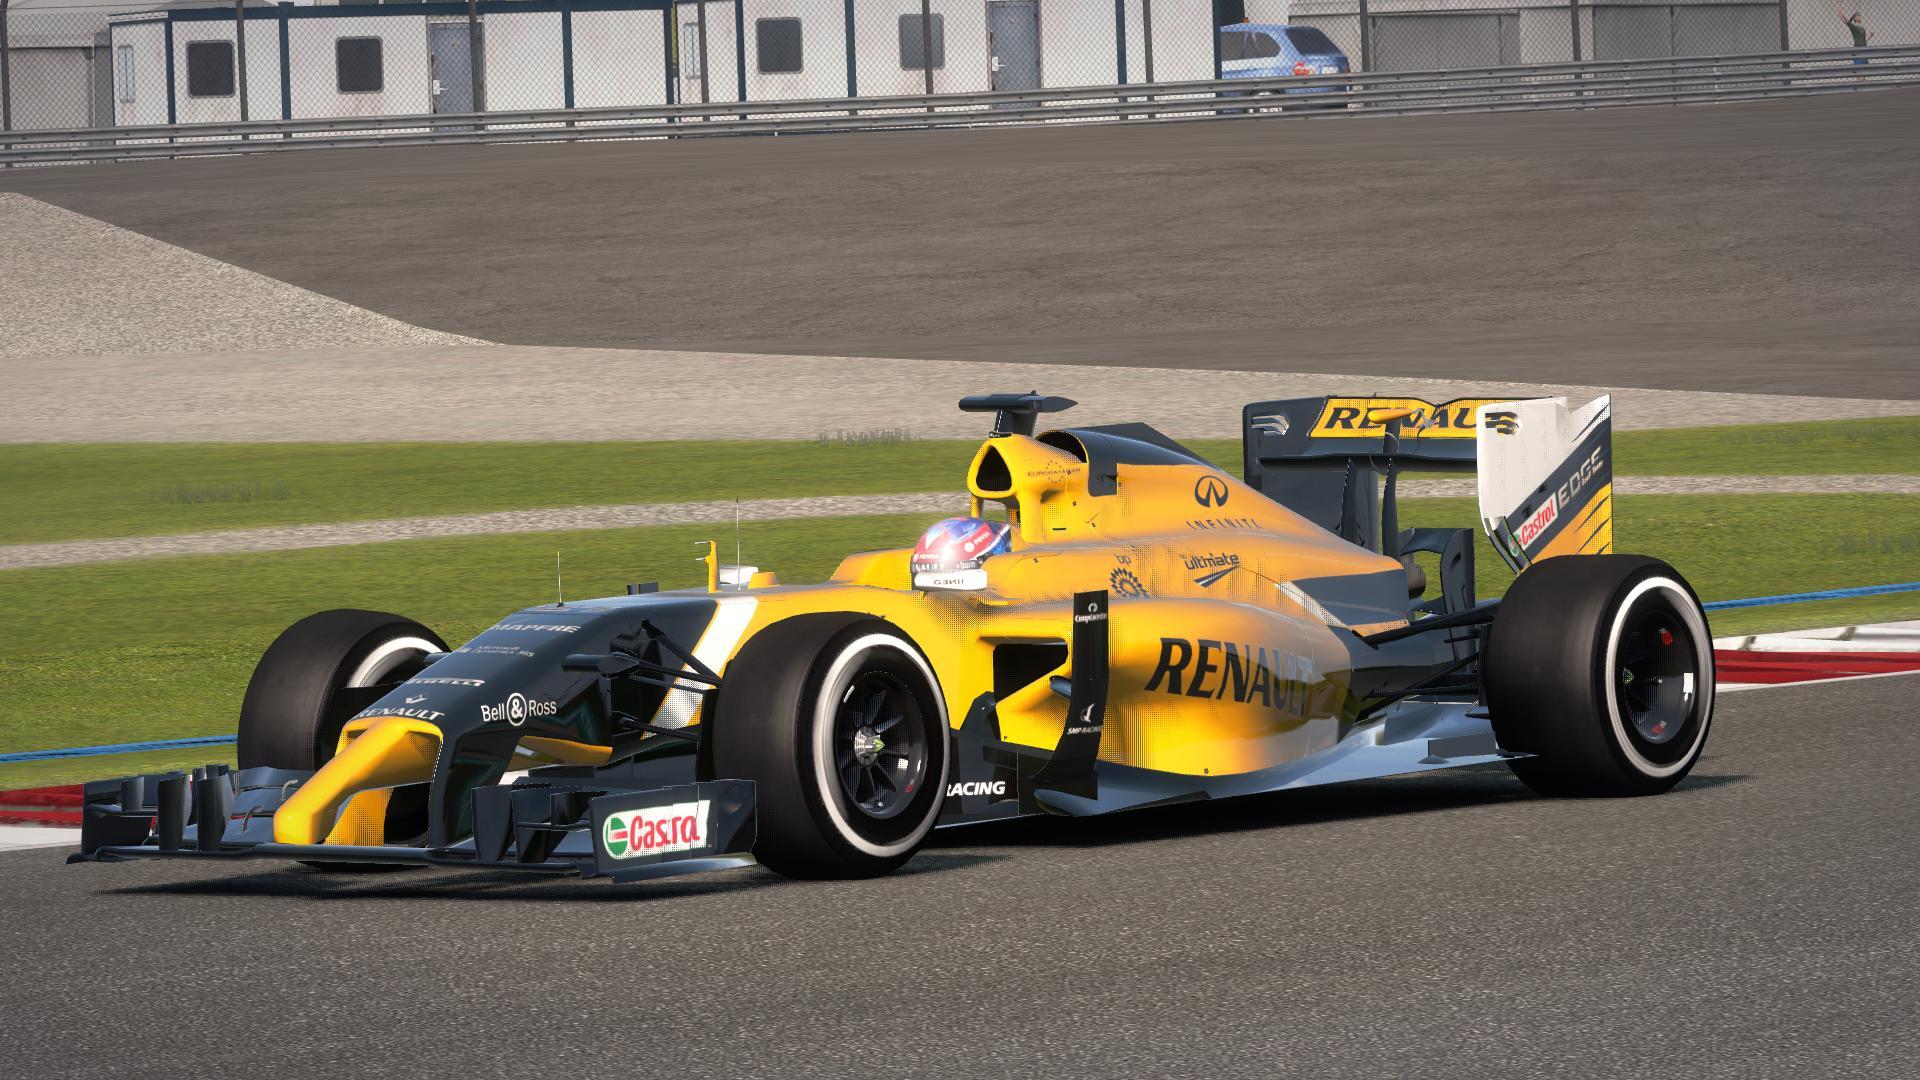 F1_2014 2017-05-13 22-25-53-59.jpg